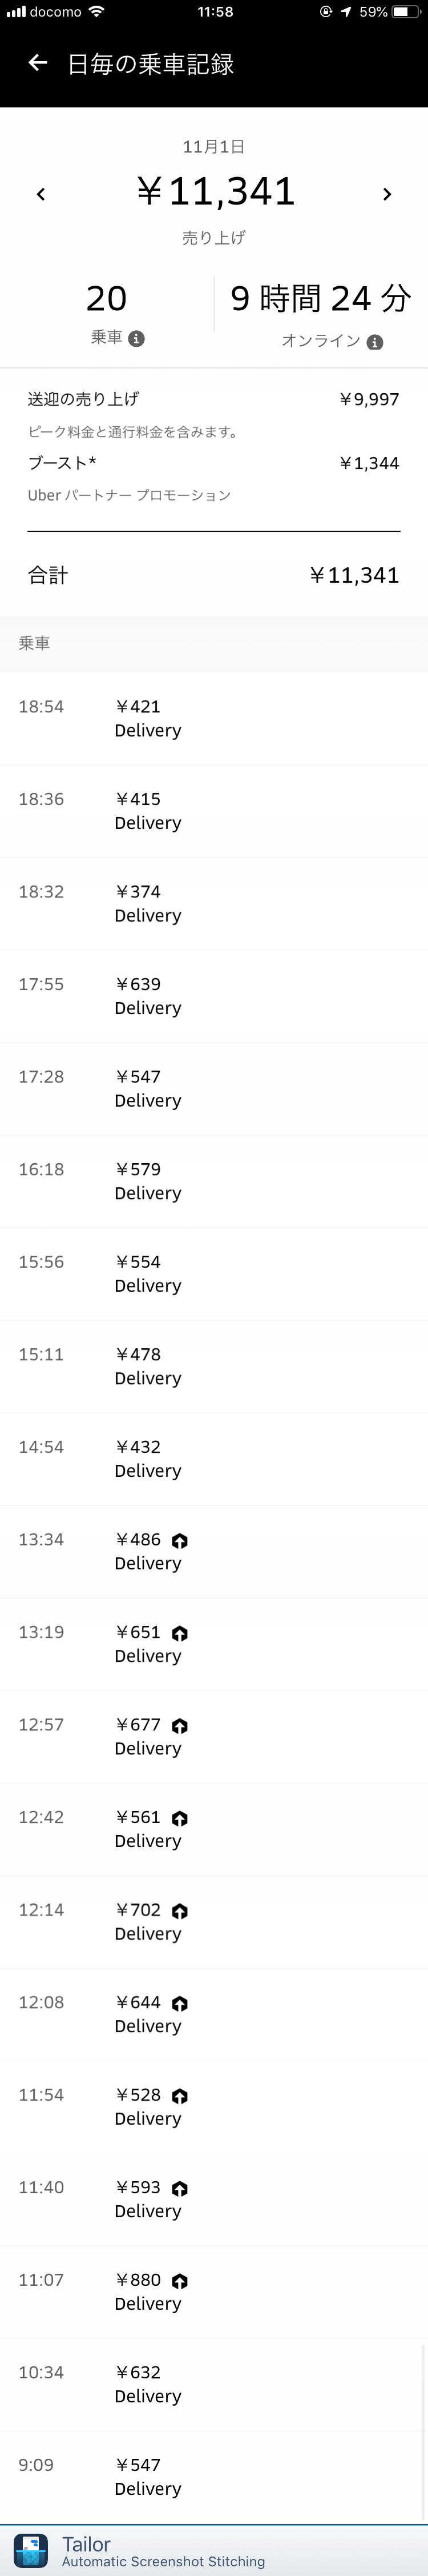 Uber Eats11月1日の配達数字